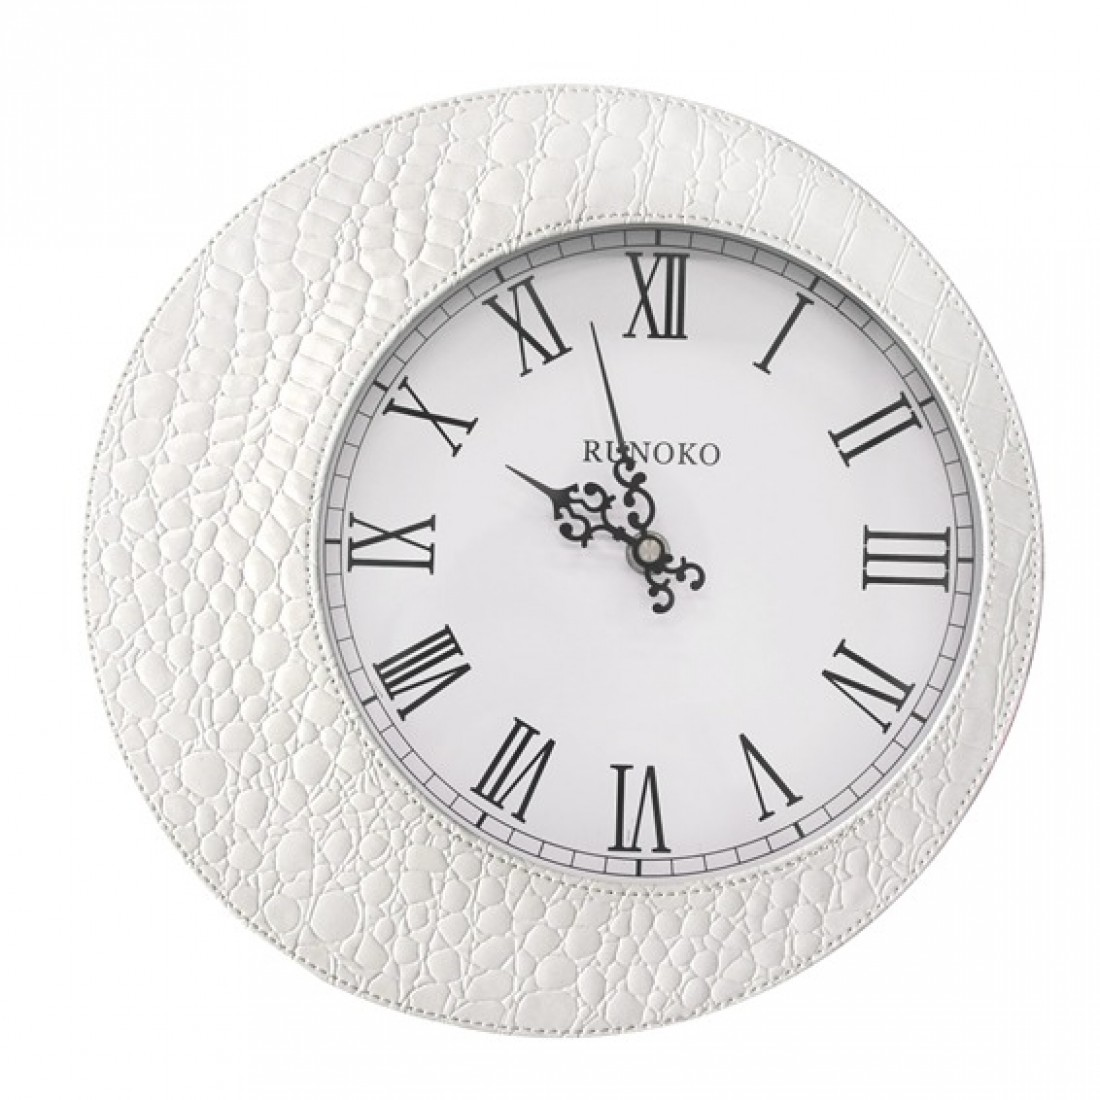 настенные часы купить по акции Киев e4c66fd1e855b